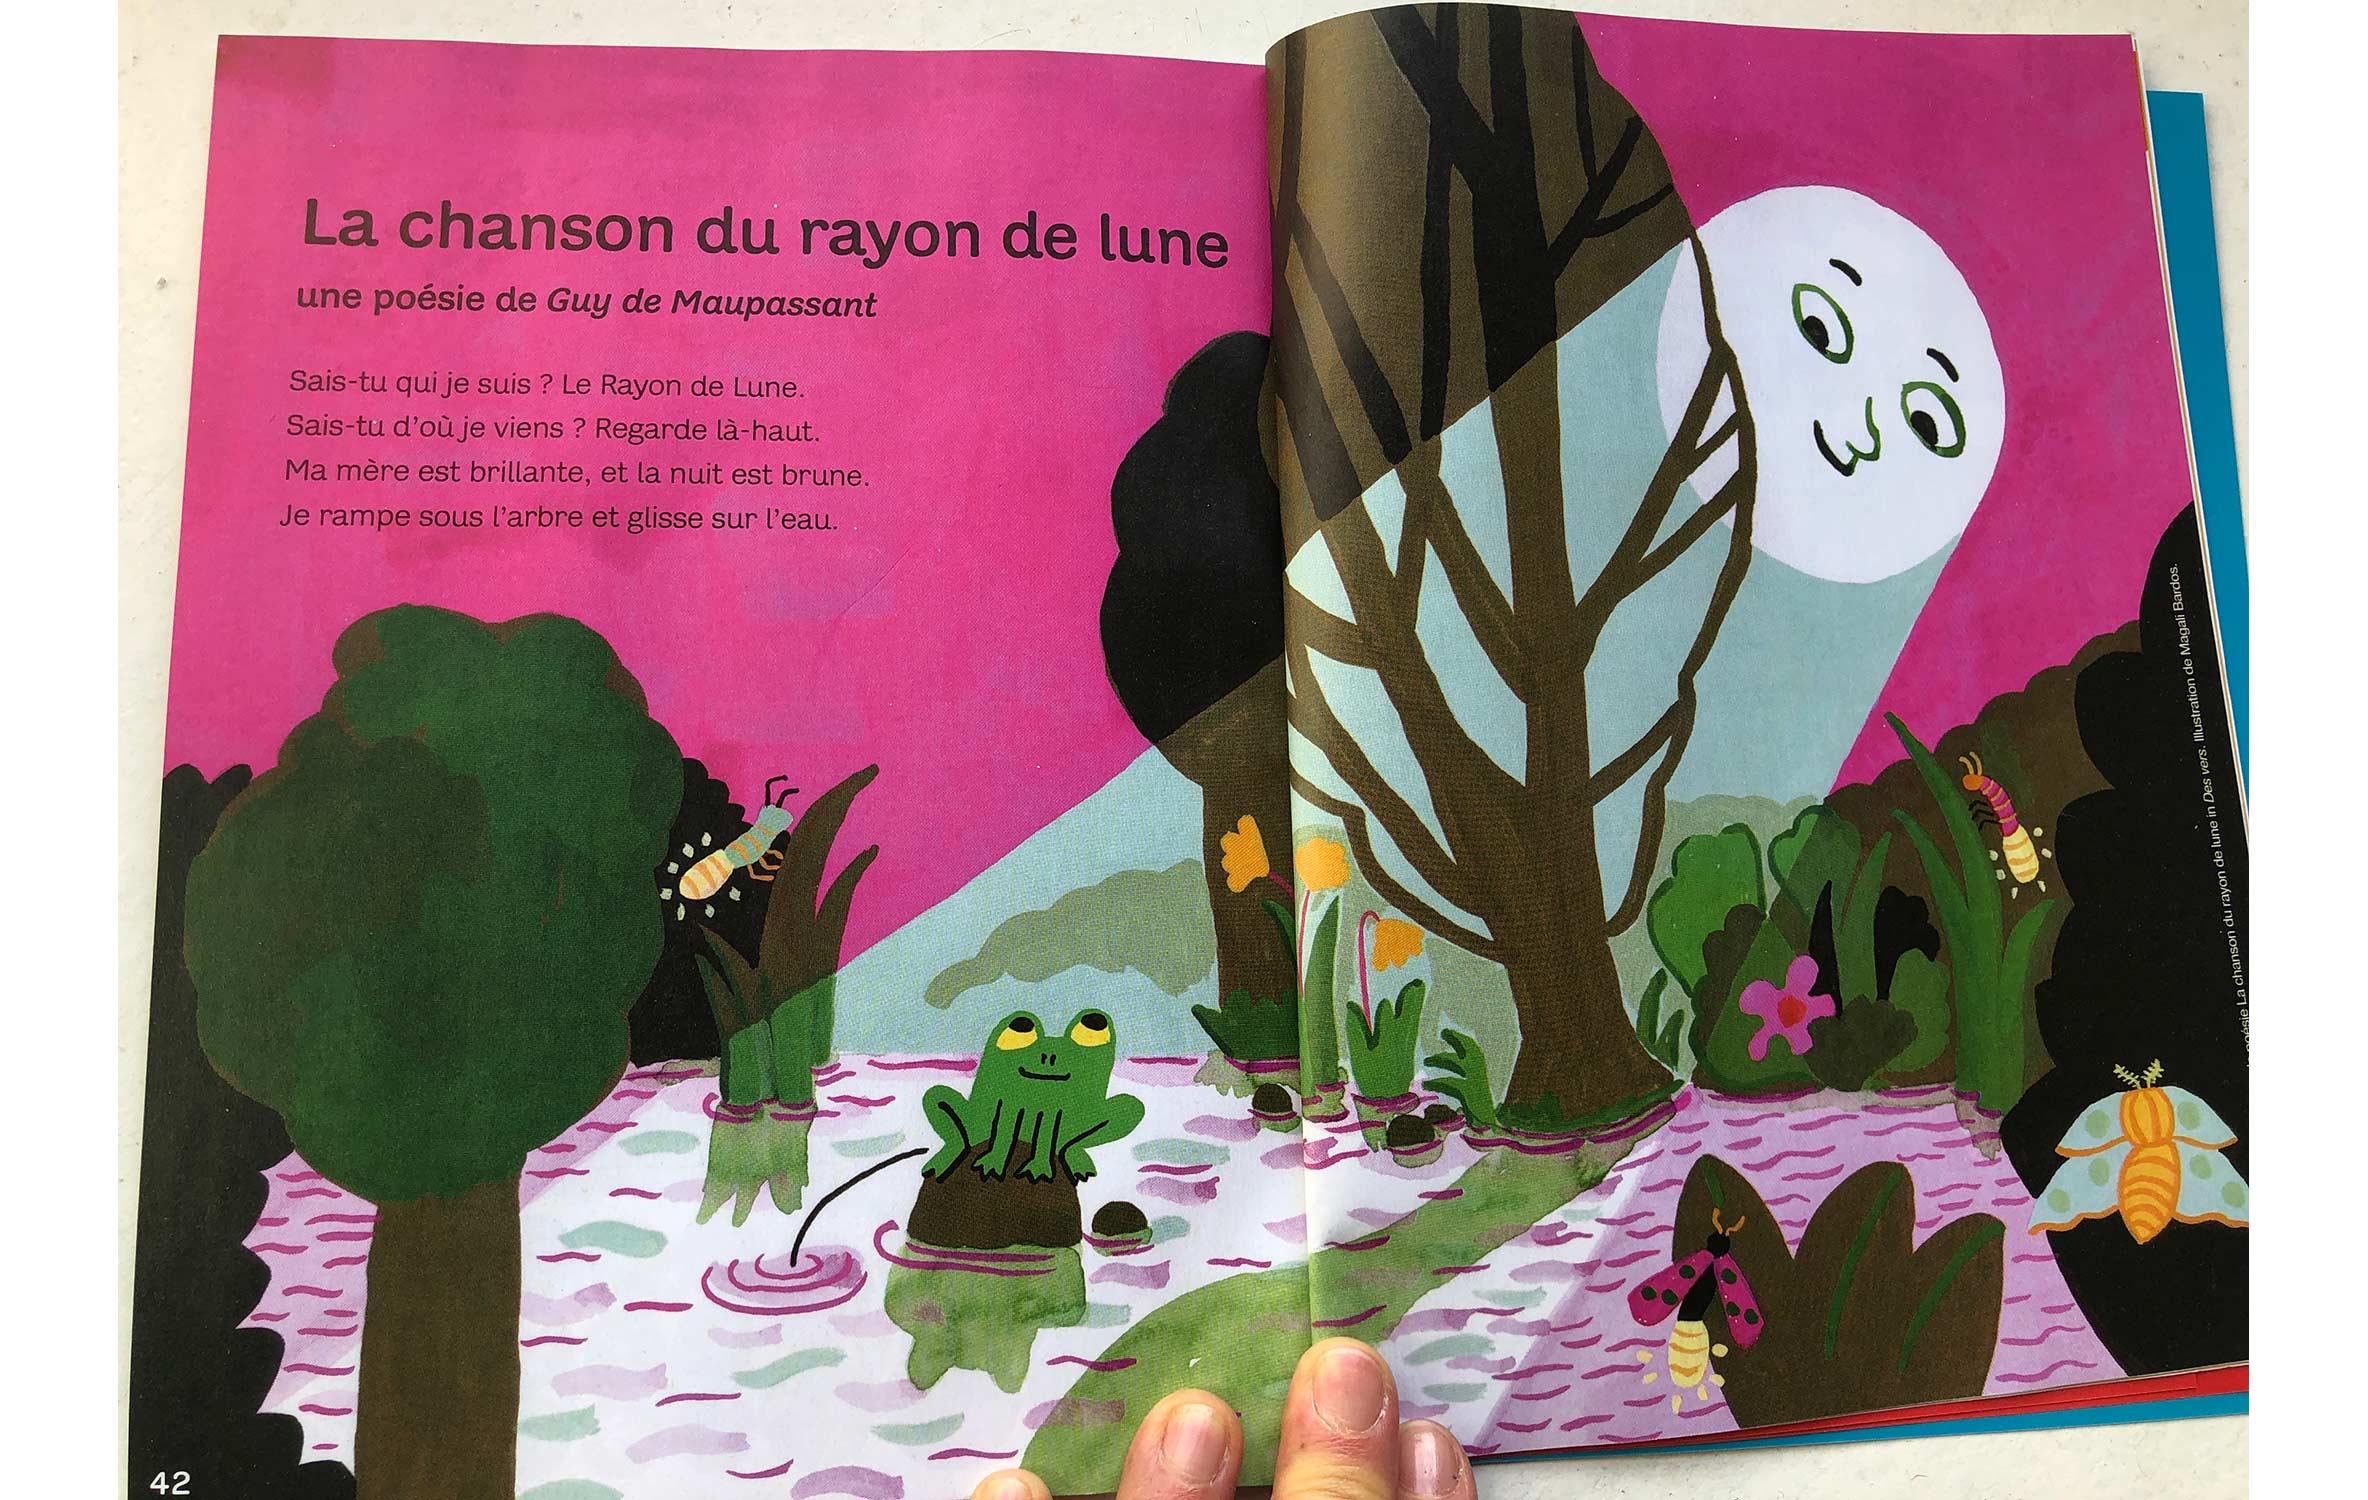 Le rayon de lune poésie Maupassant © Magali Bardos Milan presse J'apprends à lire gouache grenouille